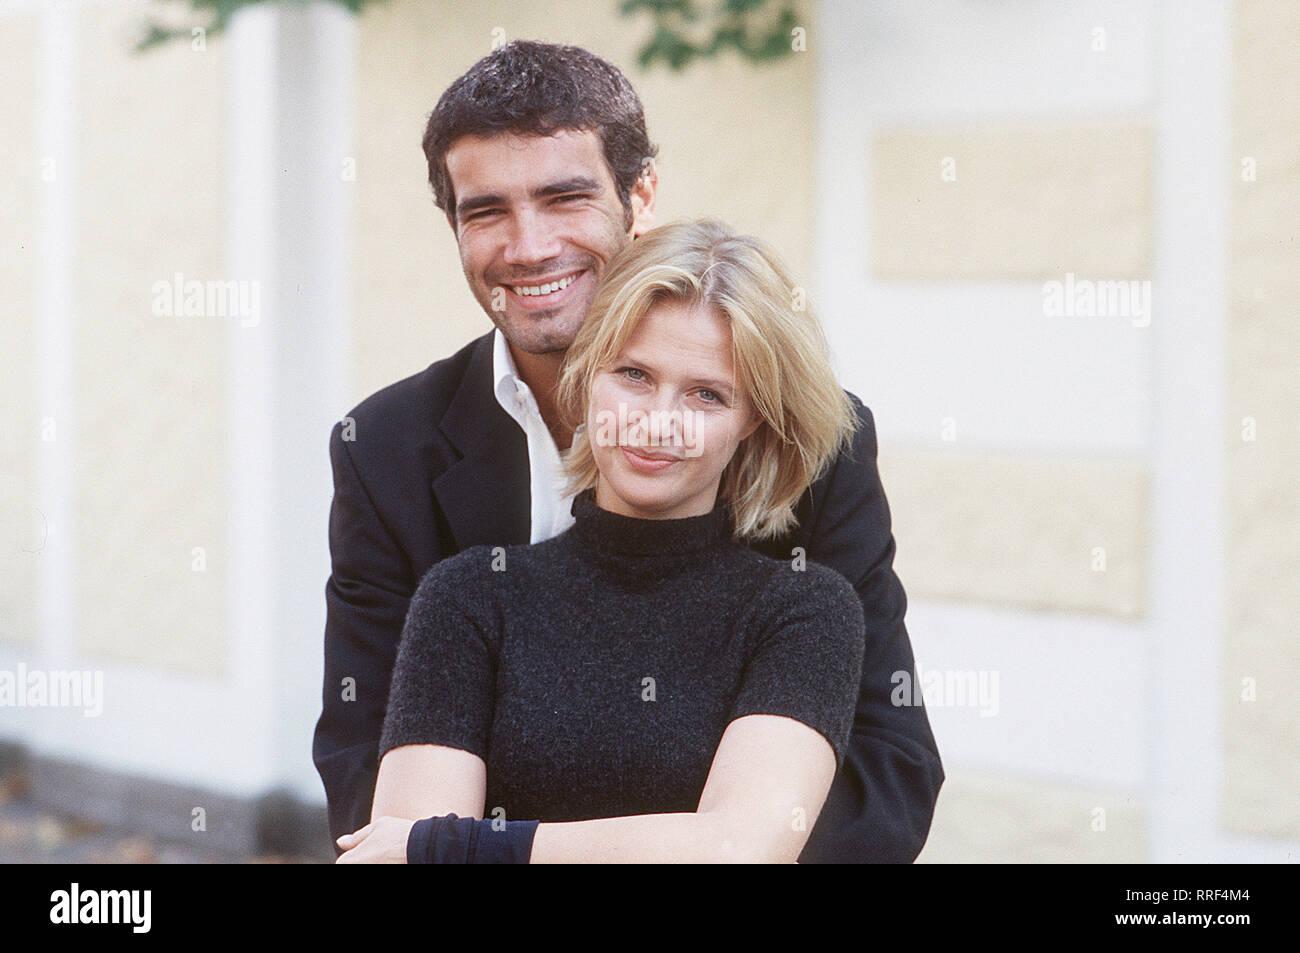 ZWISCHEN LIEBE UND LEIDENSCHAFT - Claudia (KATHARINA BÖHM) kehrt mit ihrer Tochter in die Insel Elba zurück, ähm, Stand kranken Vater zu besuchen. Dort trifft sie Nicola (MARCO BONINI) wieder, mit dem sie vor Jahren eine leidenschaftliche Affäre hatte. Regie: Marijan David Vajda/Überschrift: ZWISCHEN LIEBE UND LEIDENSCHAFT/BRD 2000 Stockfoto